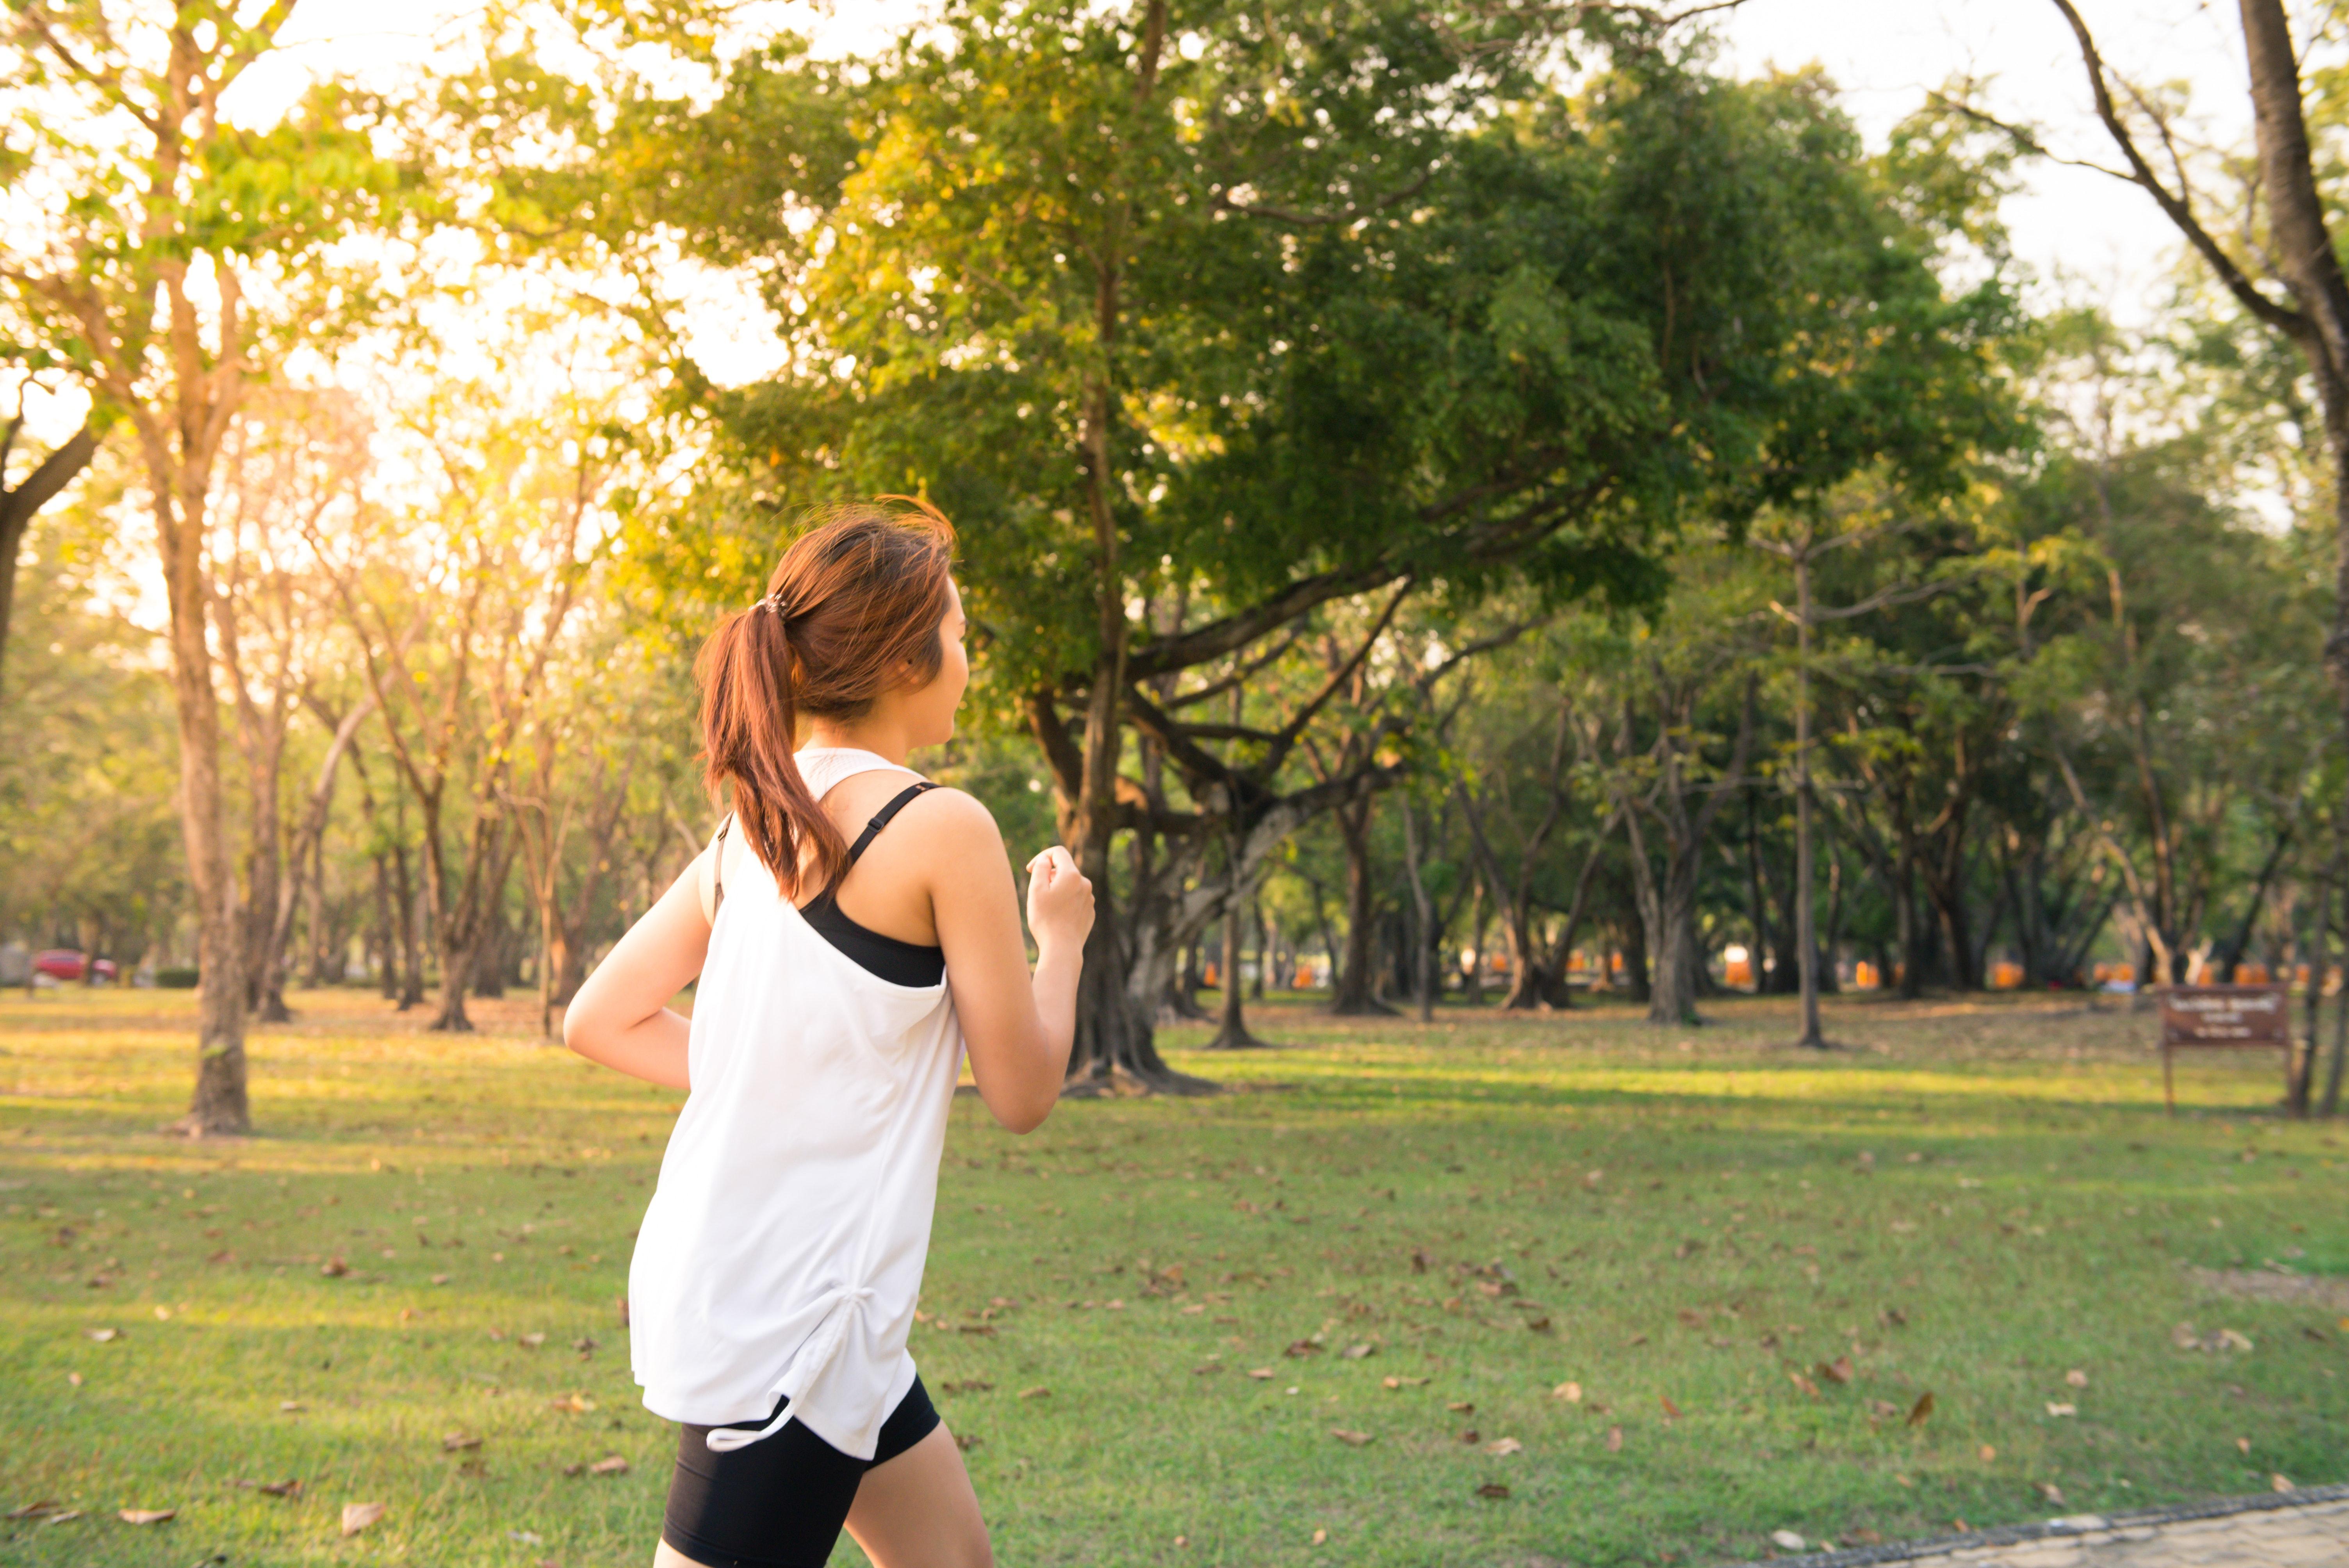 Probiotikai sportui